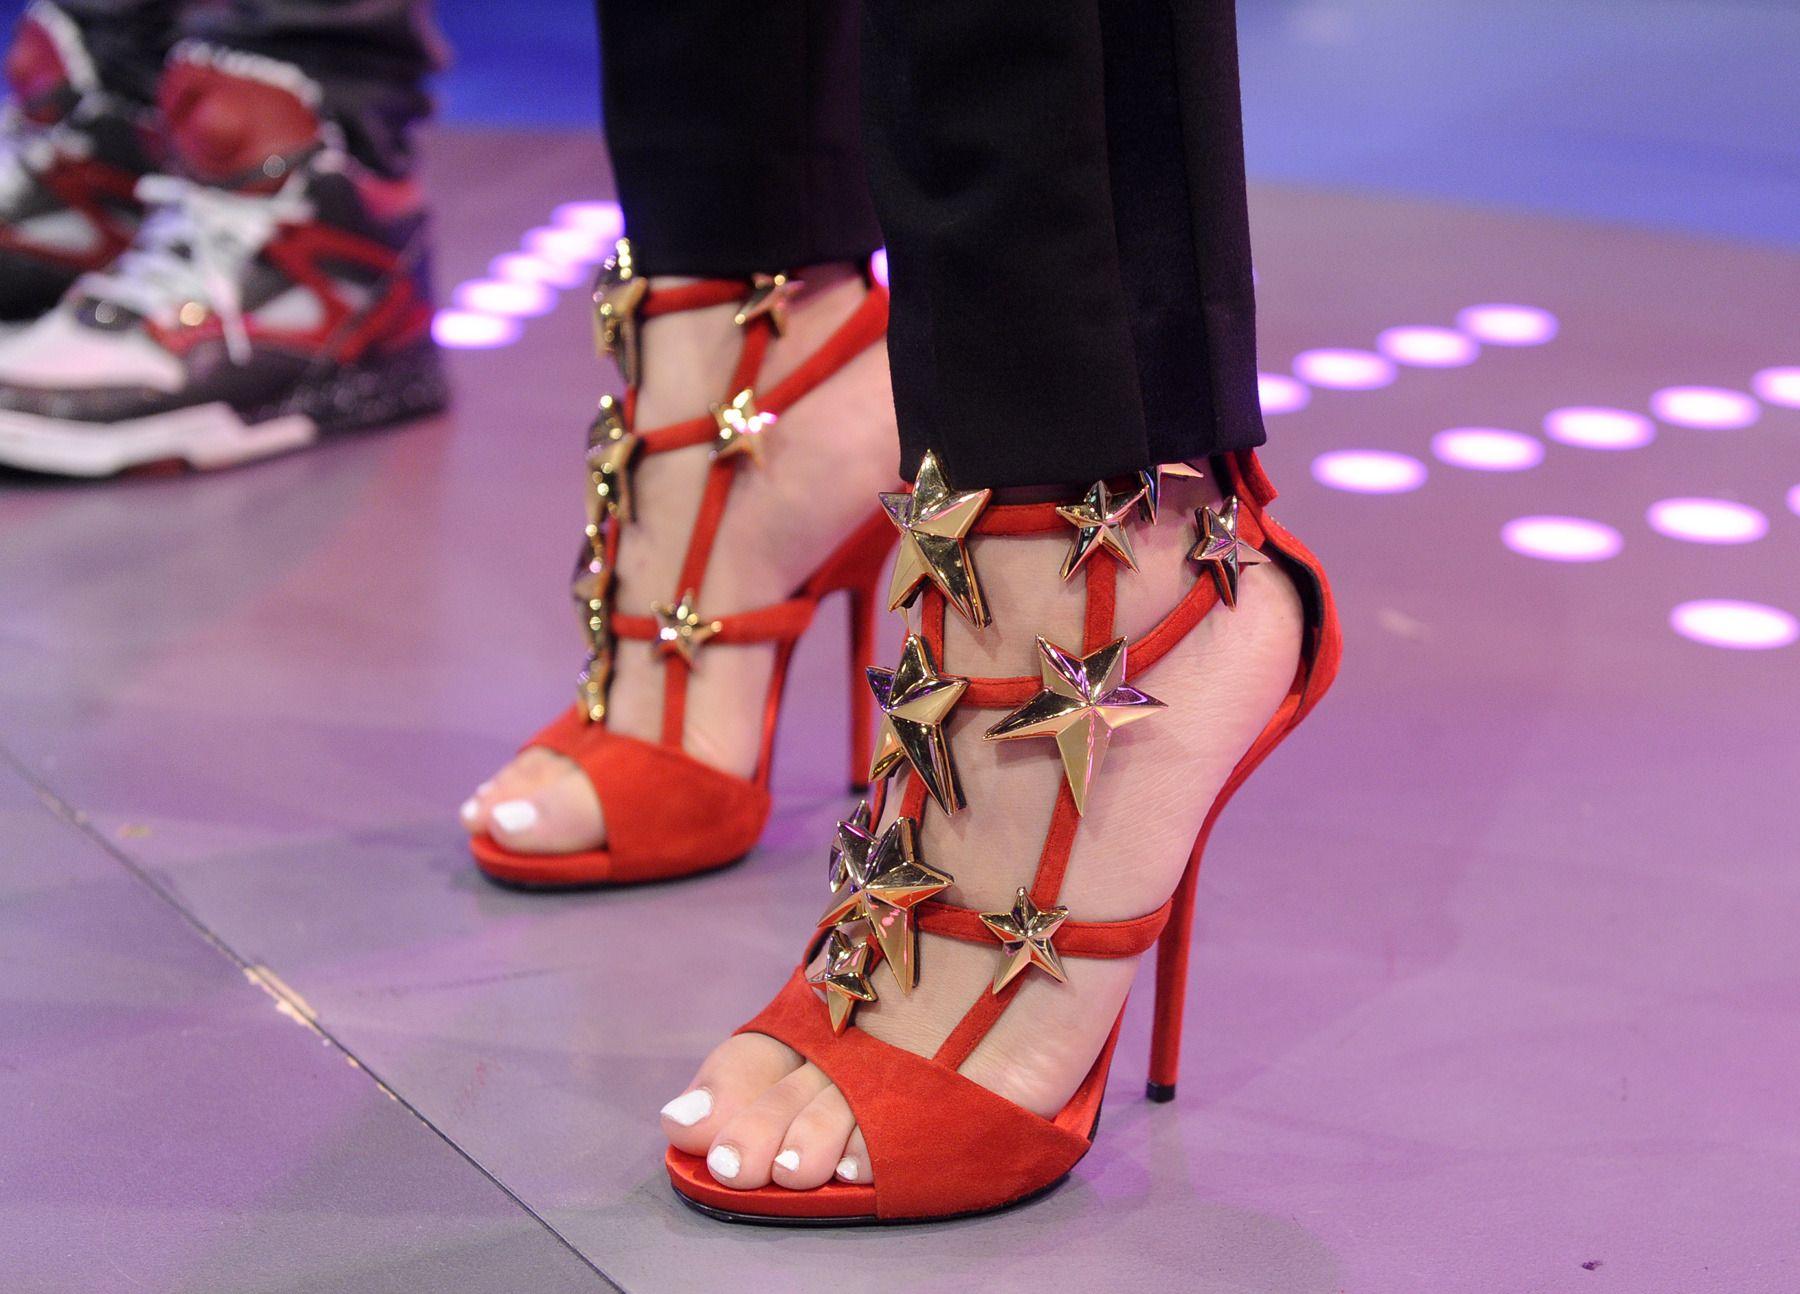 Feet zendaya Zendaya Measurements: